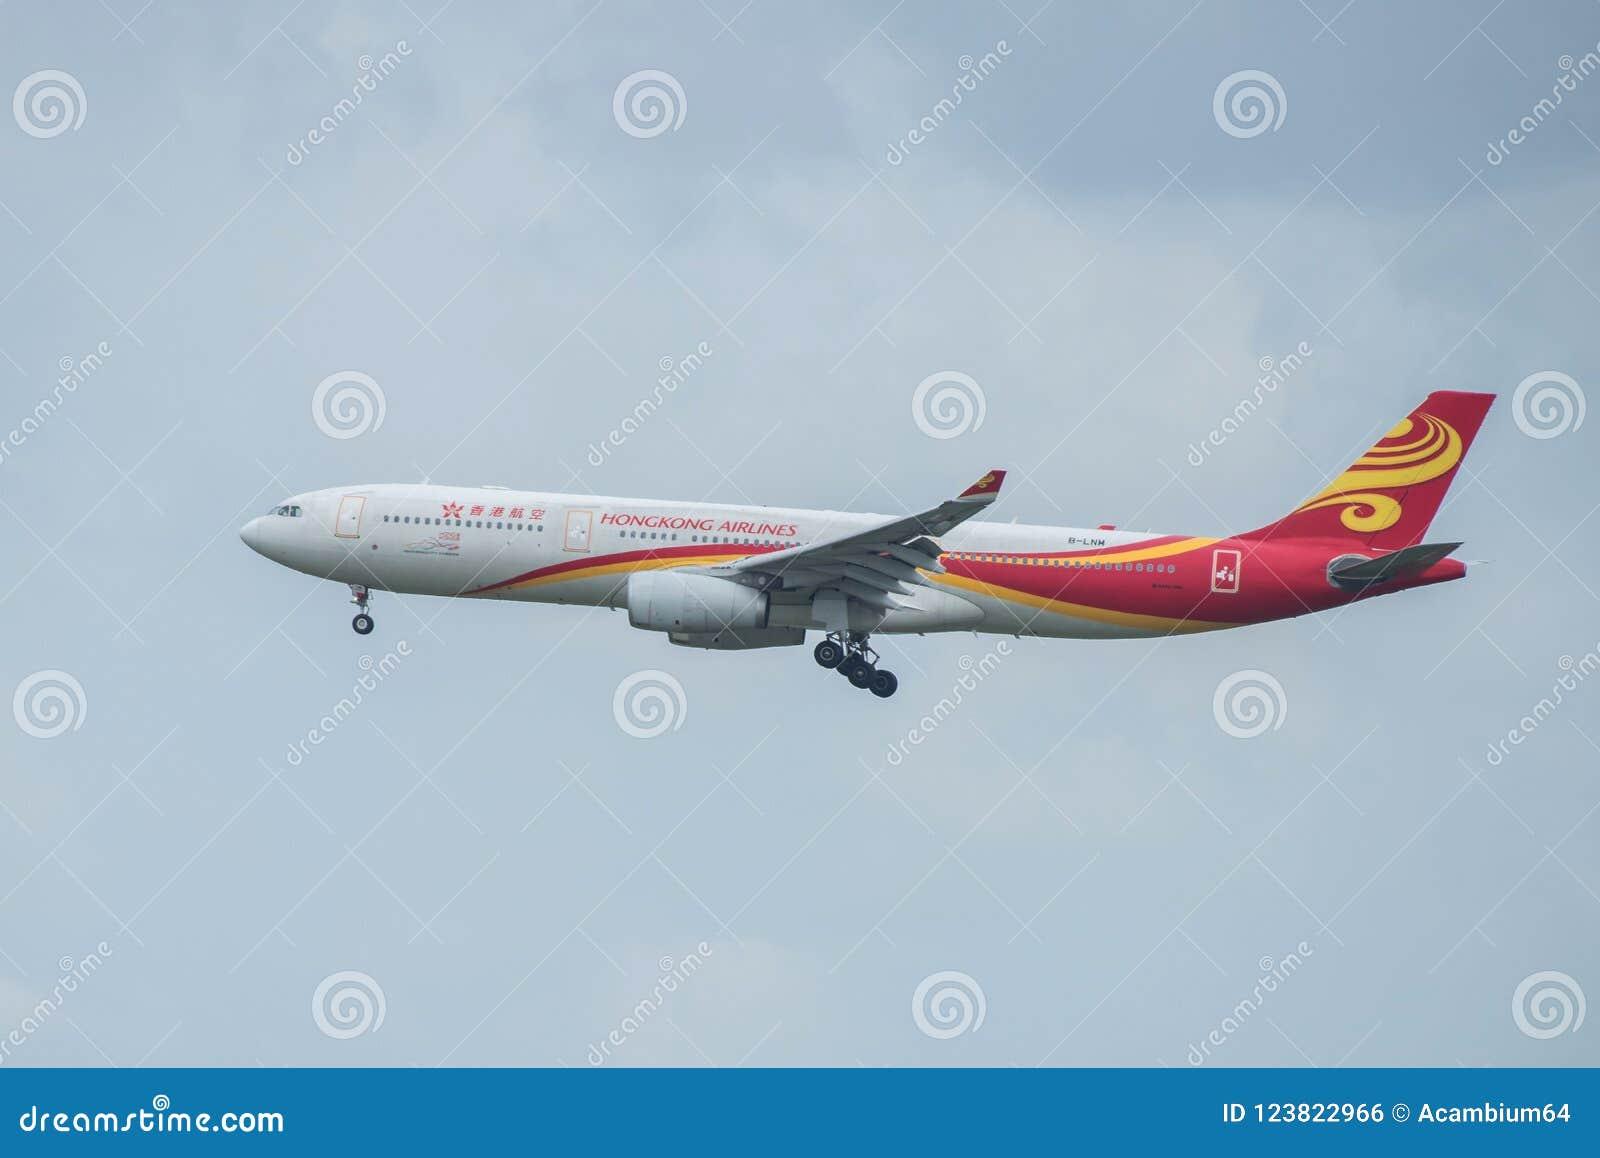 曼谷,泰国, 2018年8月12日:香港航空公司Reg 否 B-